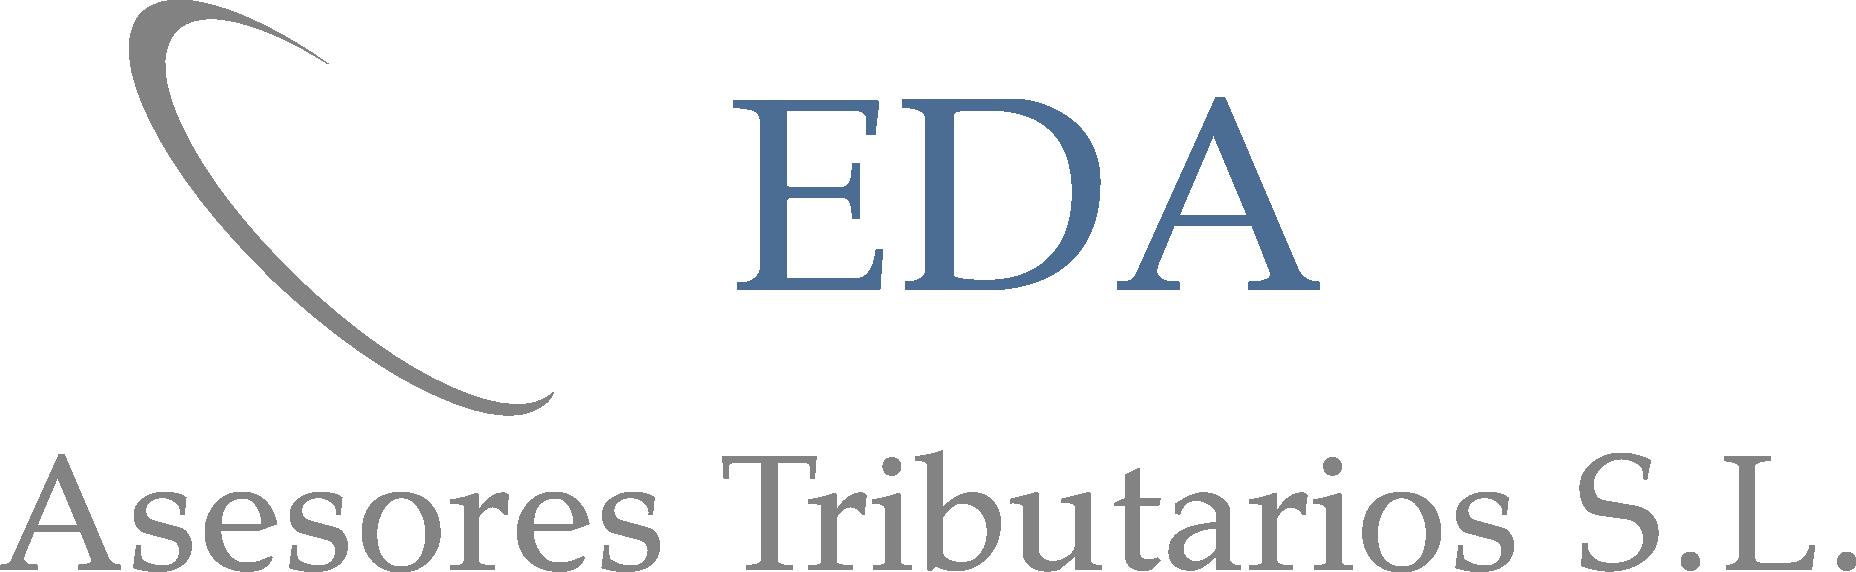 Eda-Asesores | 400dpilogocropped